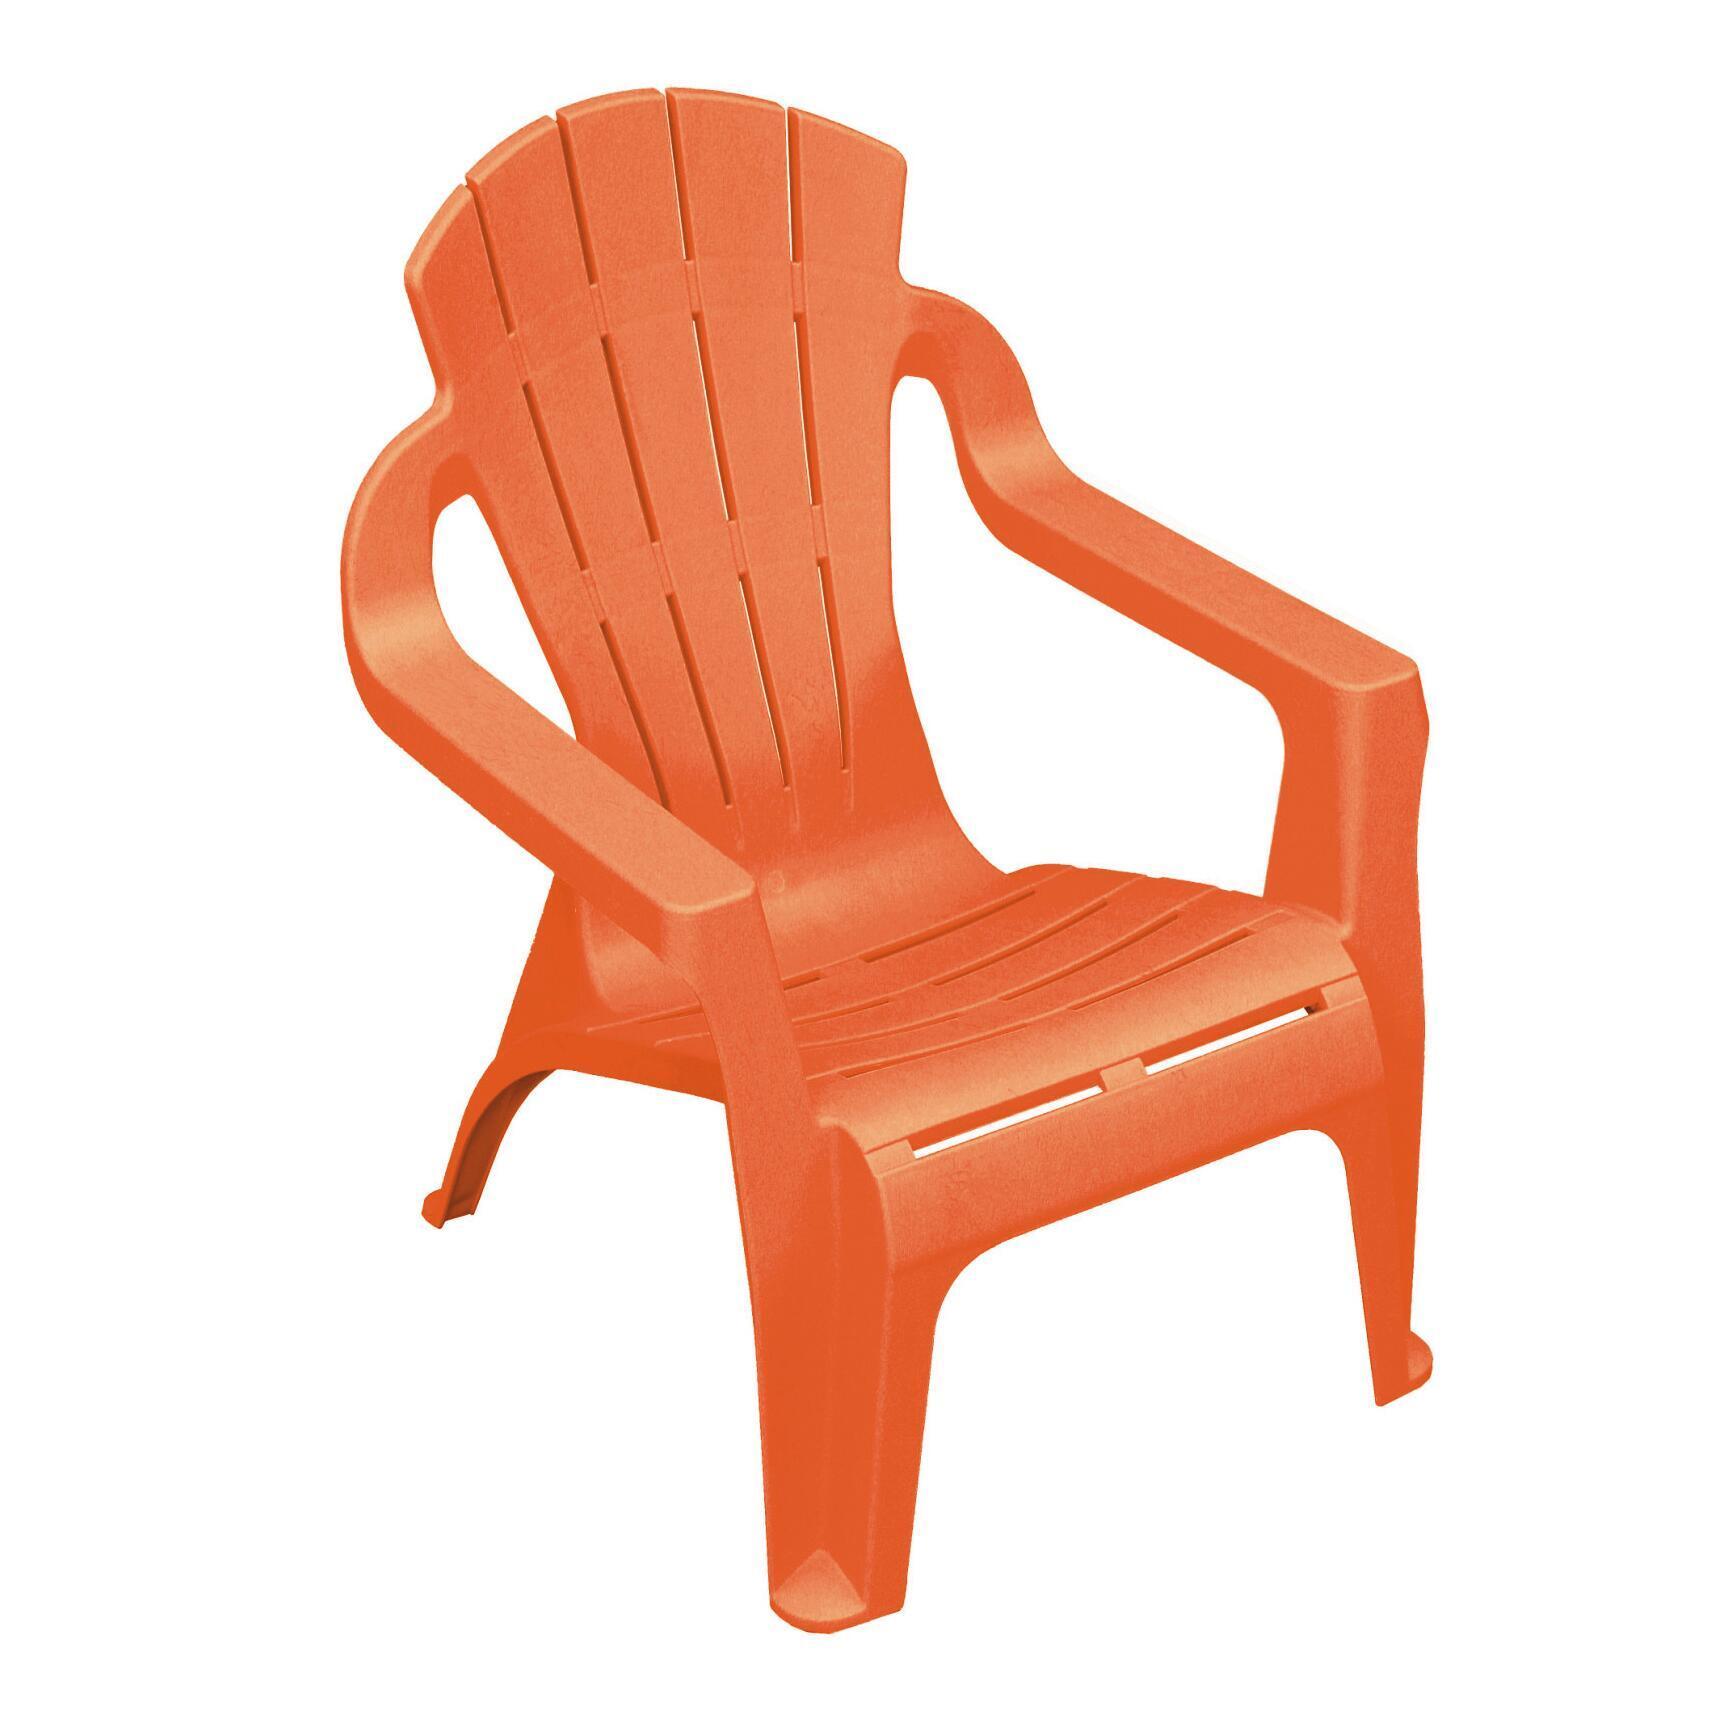 Sedia da giardino senza cuscino Mini selva per bambini colore arancione